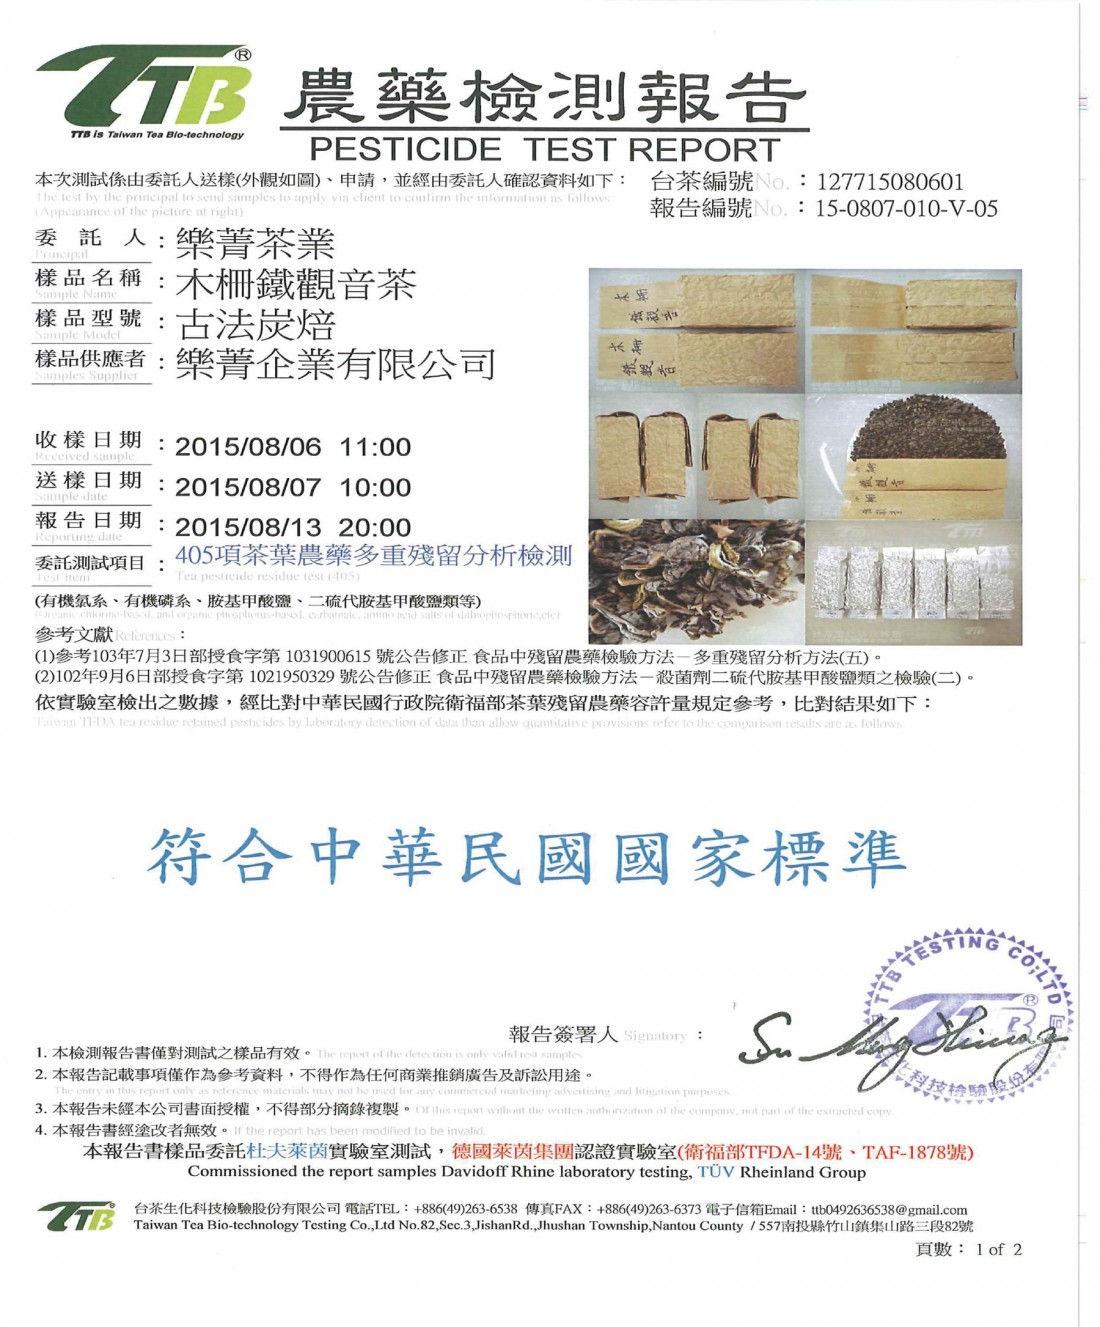 木柵鐵觀音茶-茶葉無農藥殘留檢驗